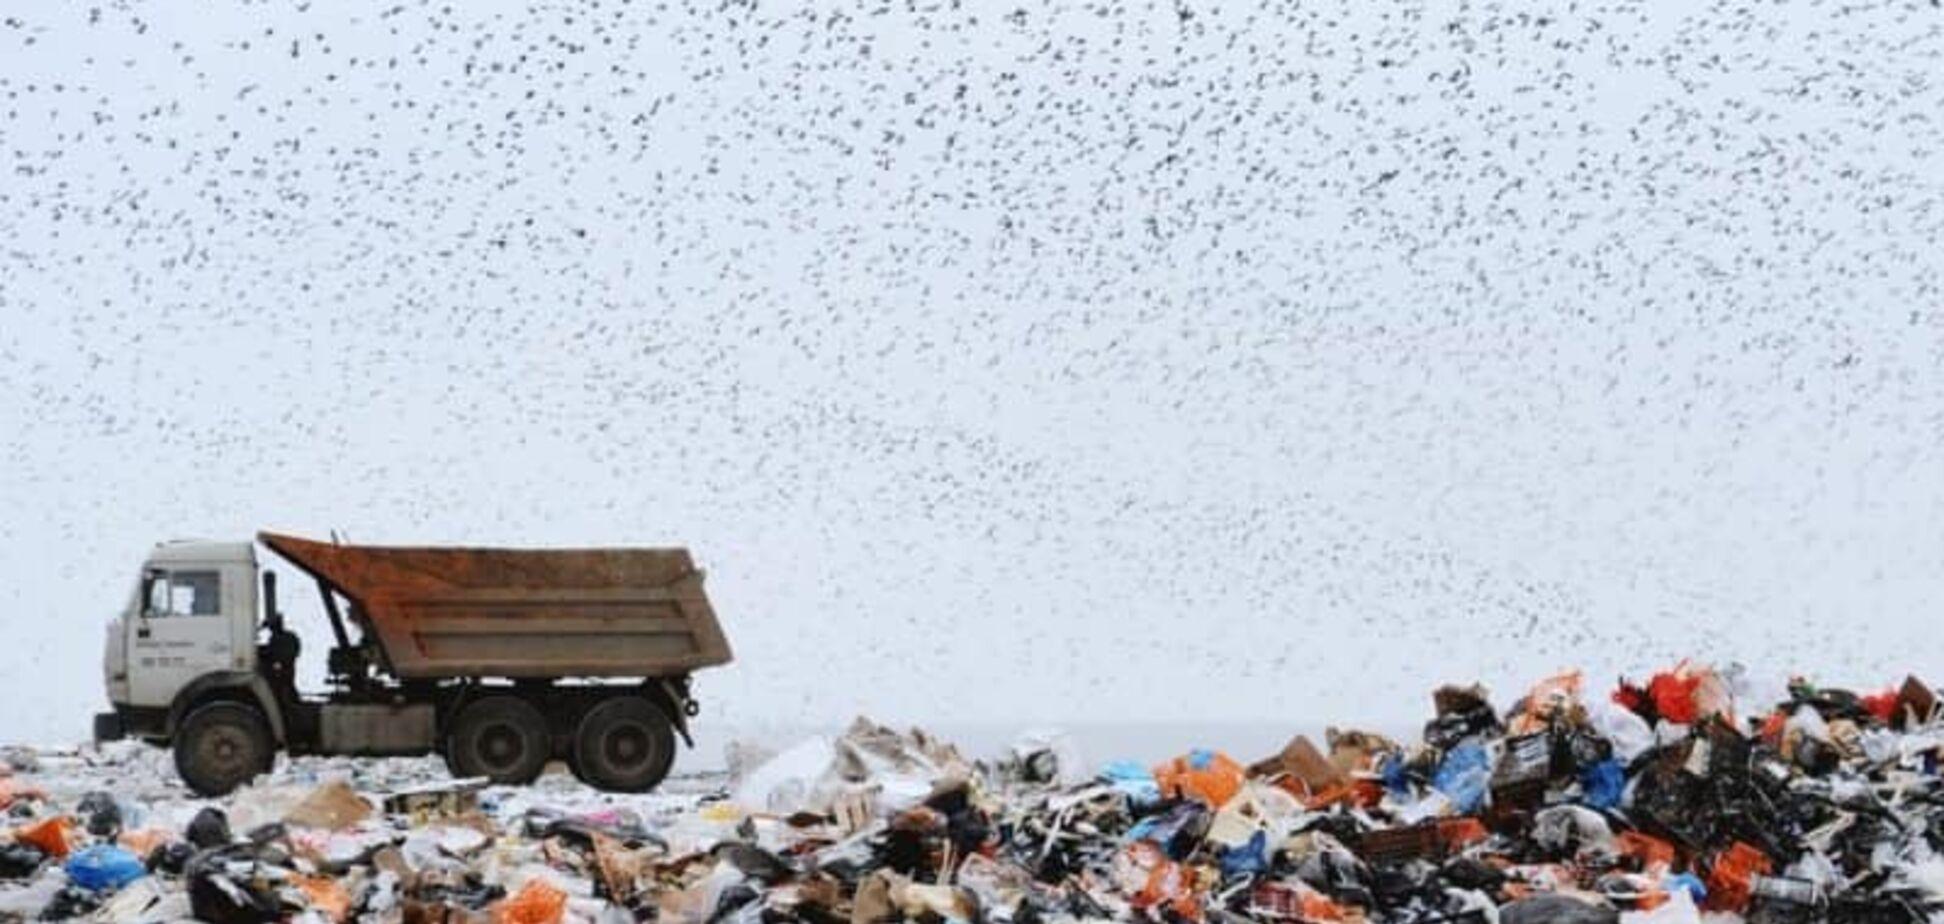 Стихийные свалки в Киеве можно убрать за год: 'Экологическая альтернатива' озвучила главные решения